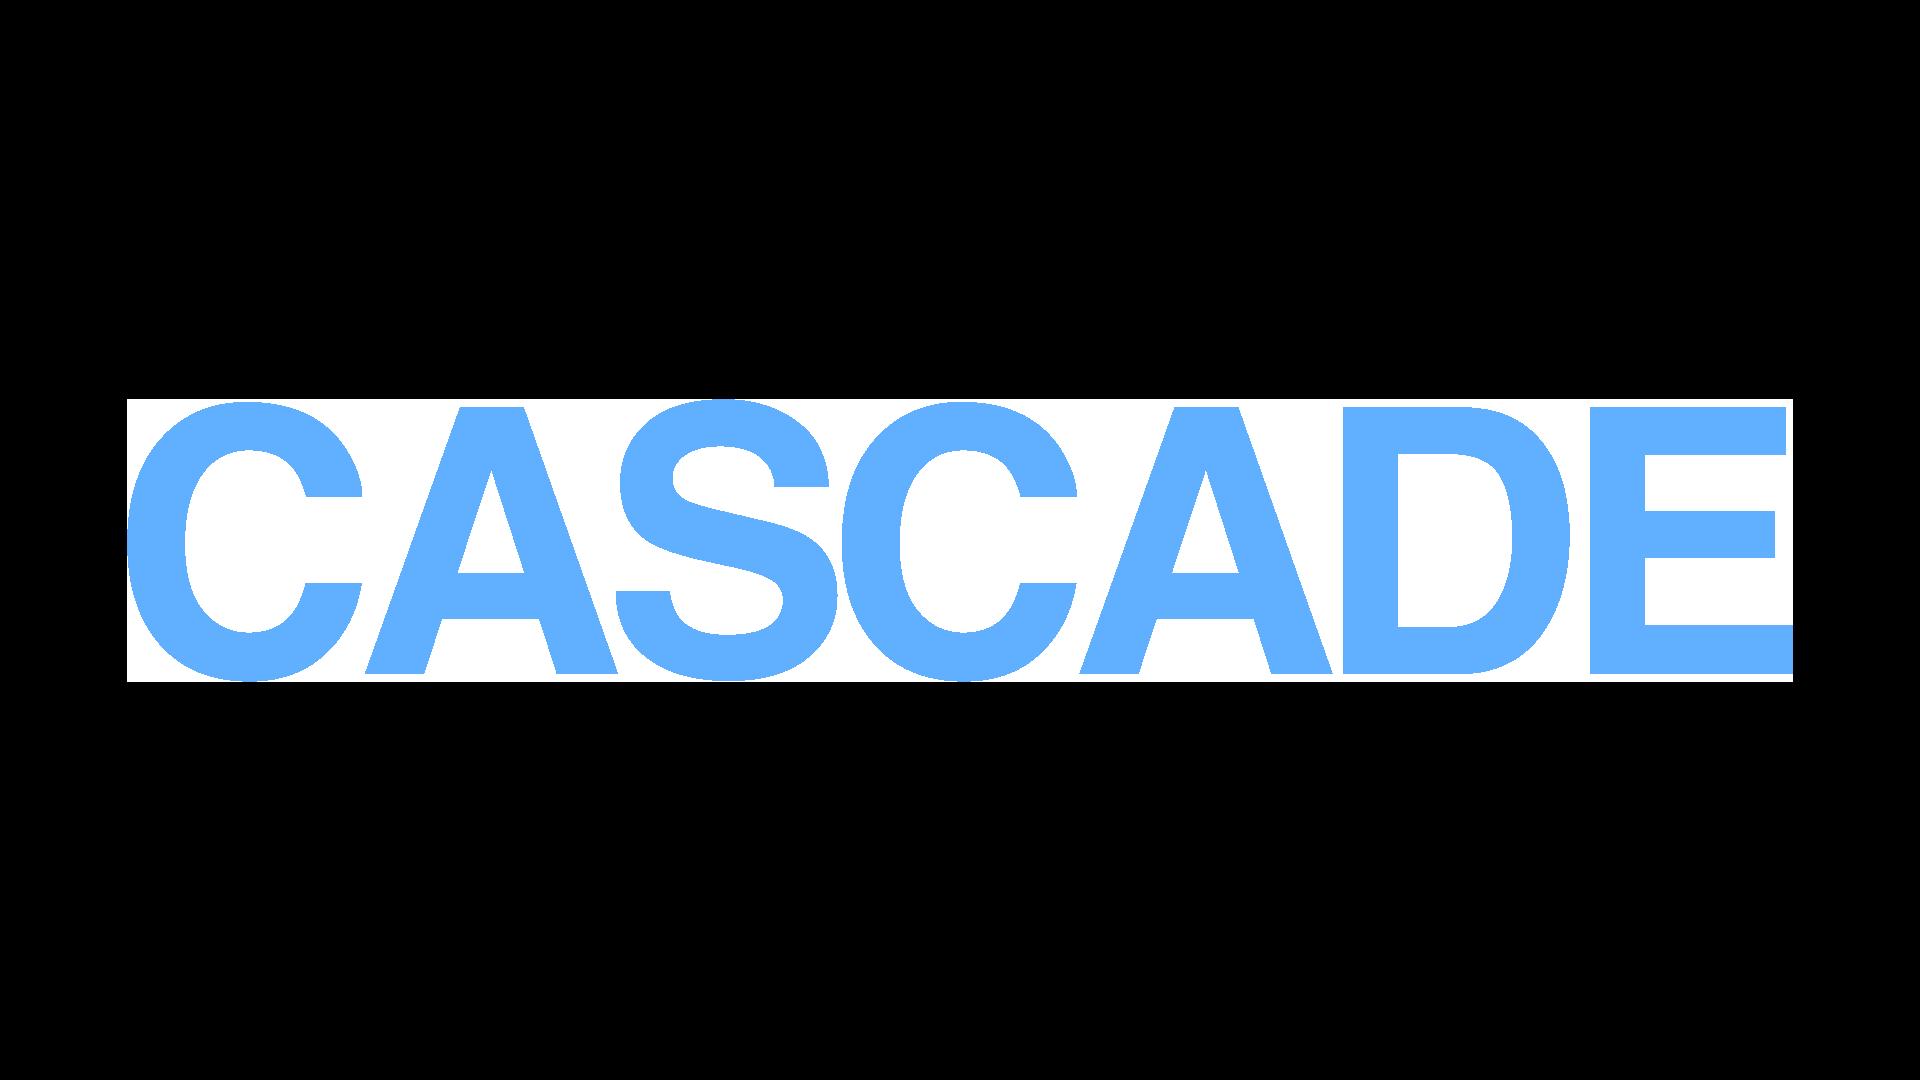 CascadeText.png